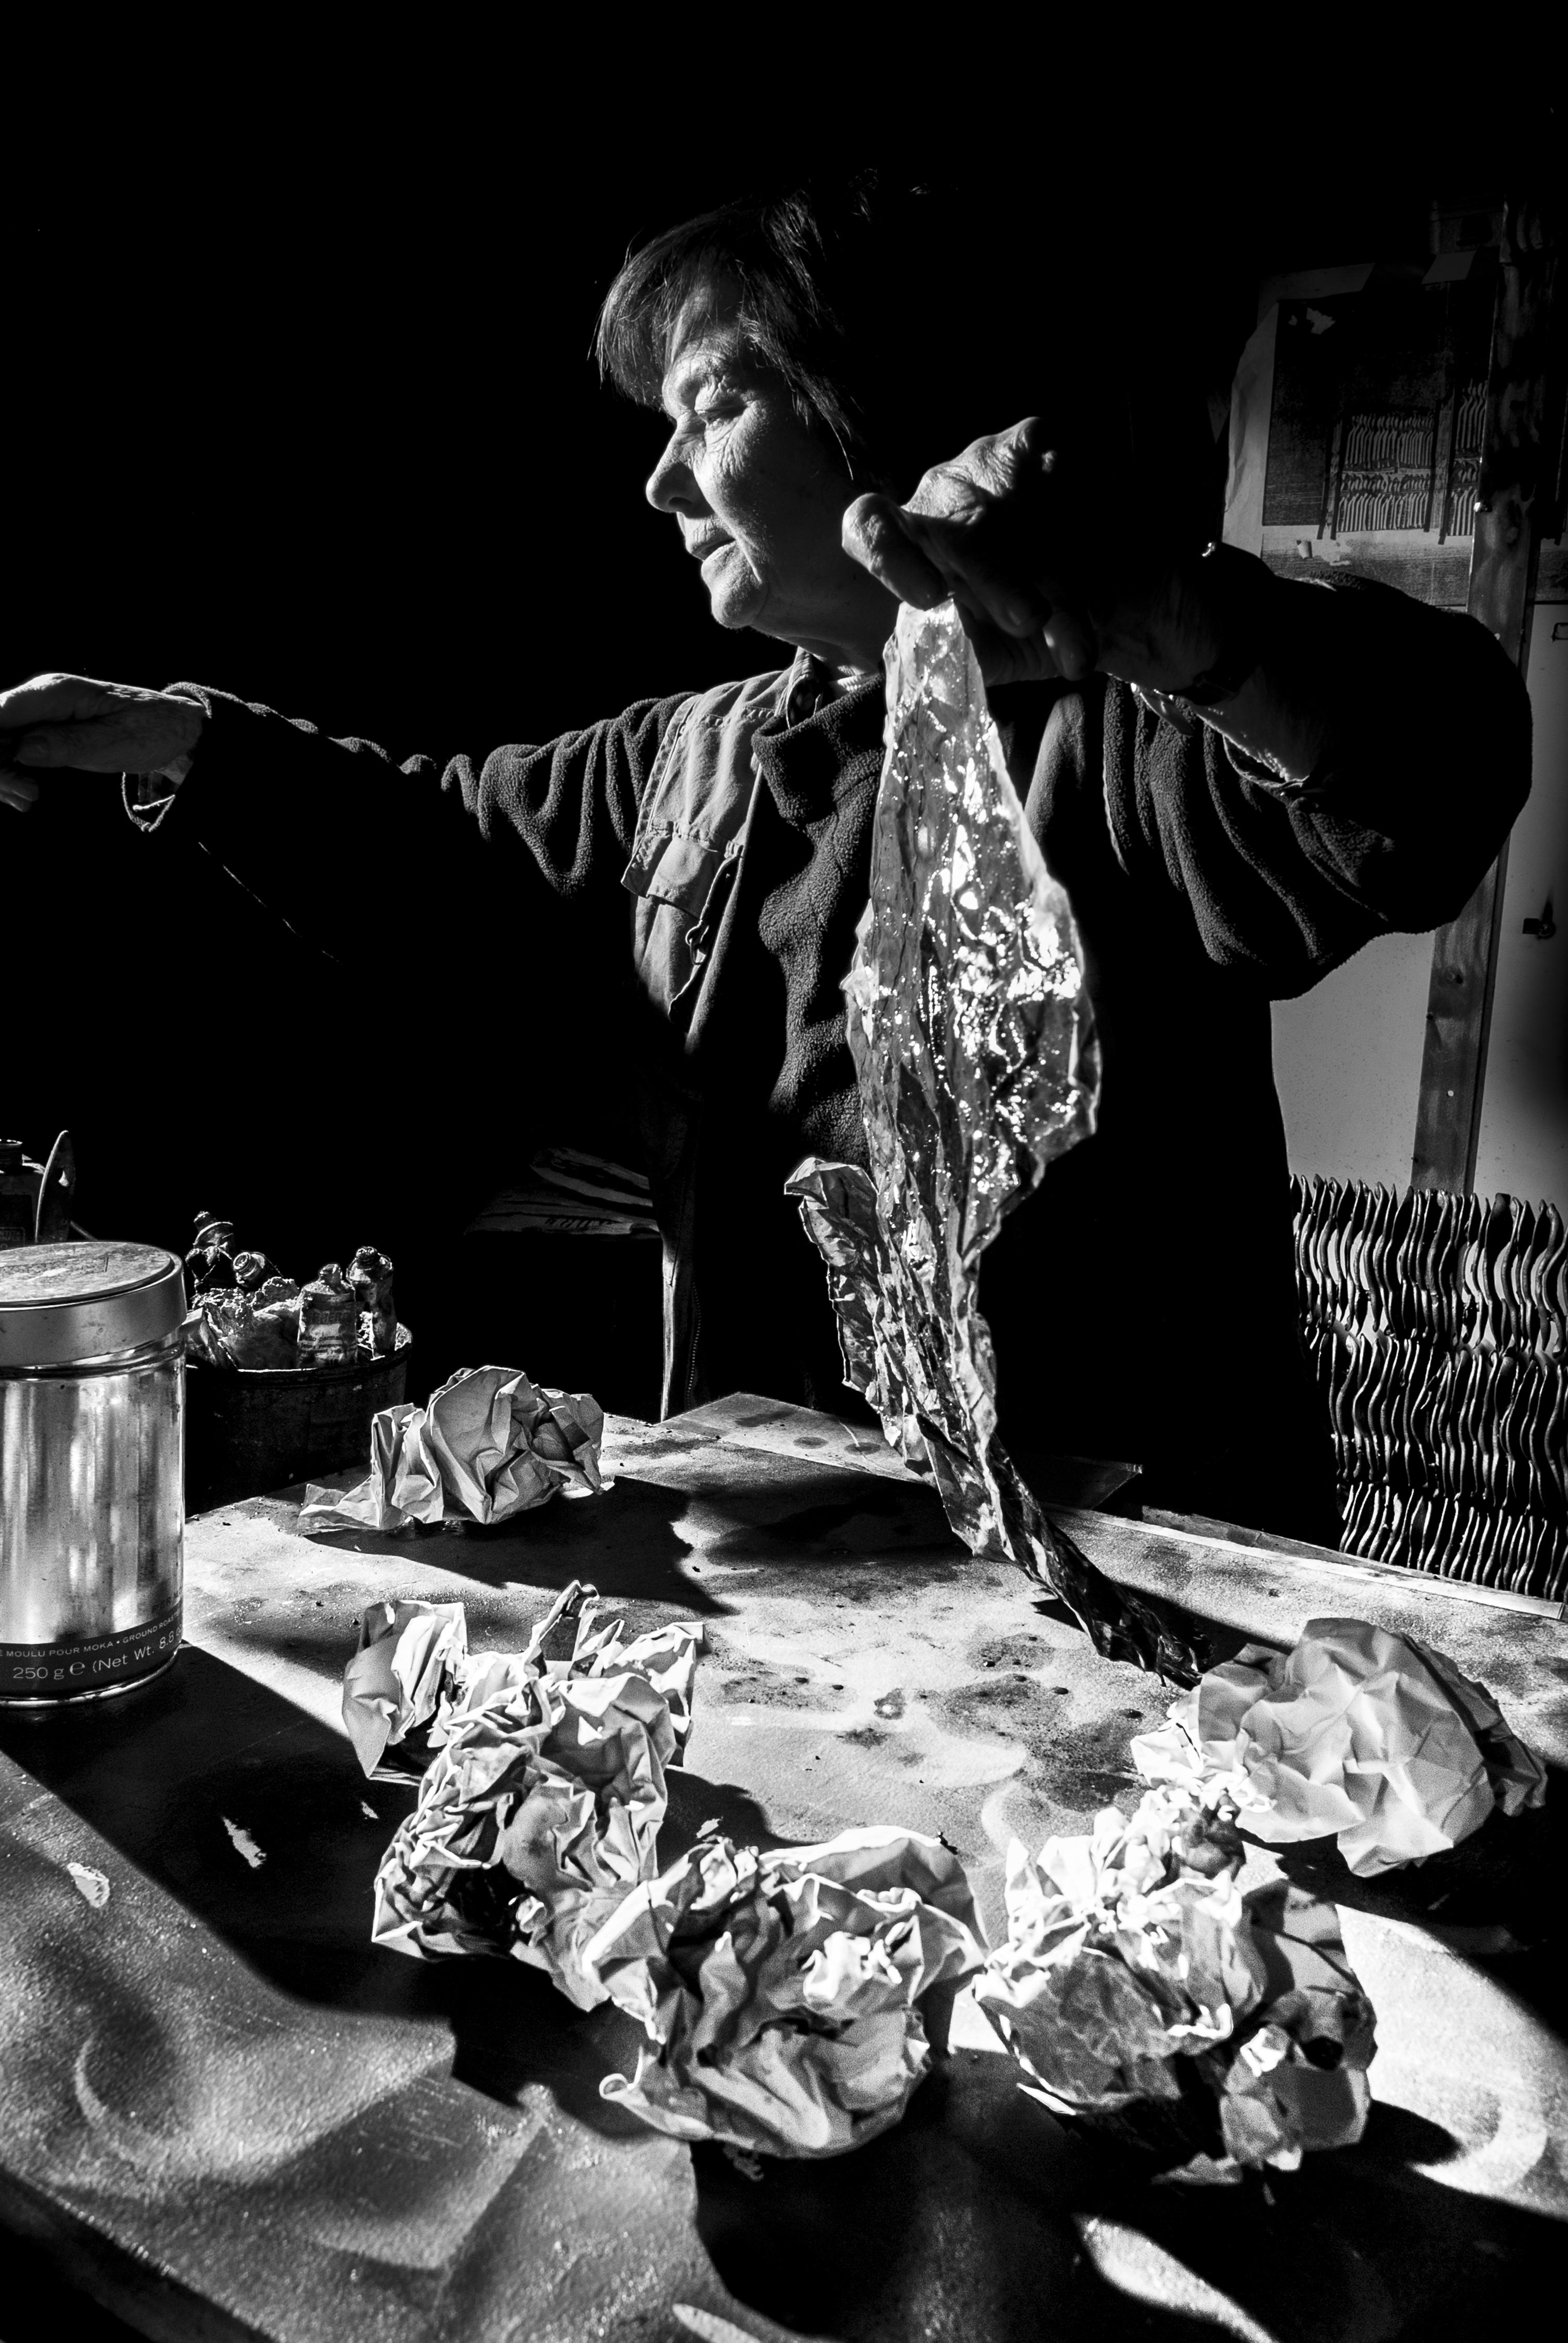 foto 3 Franca Ghitti di Fabio Cattabiani